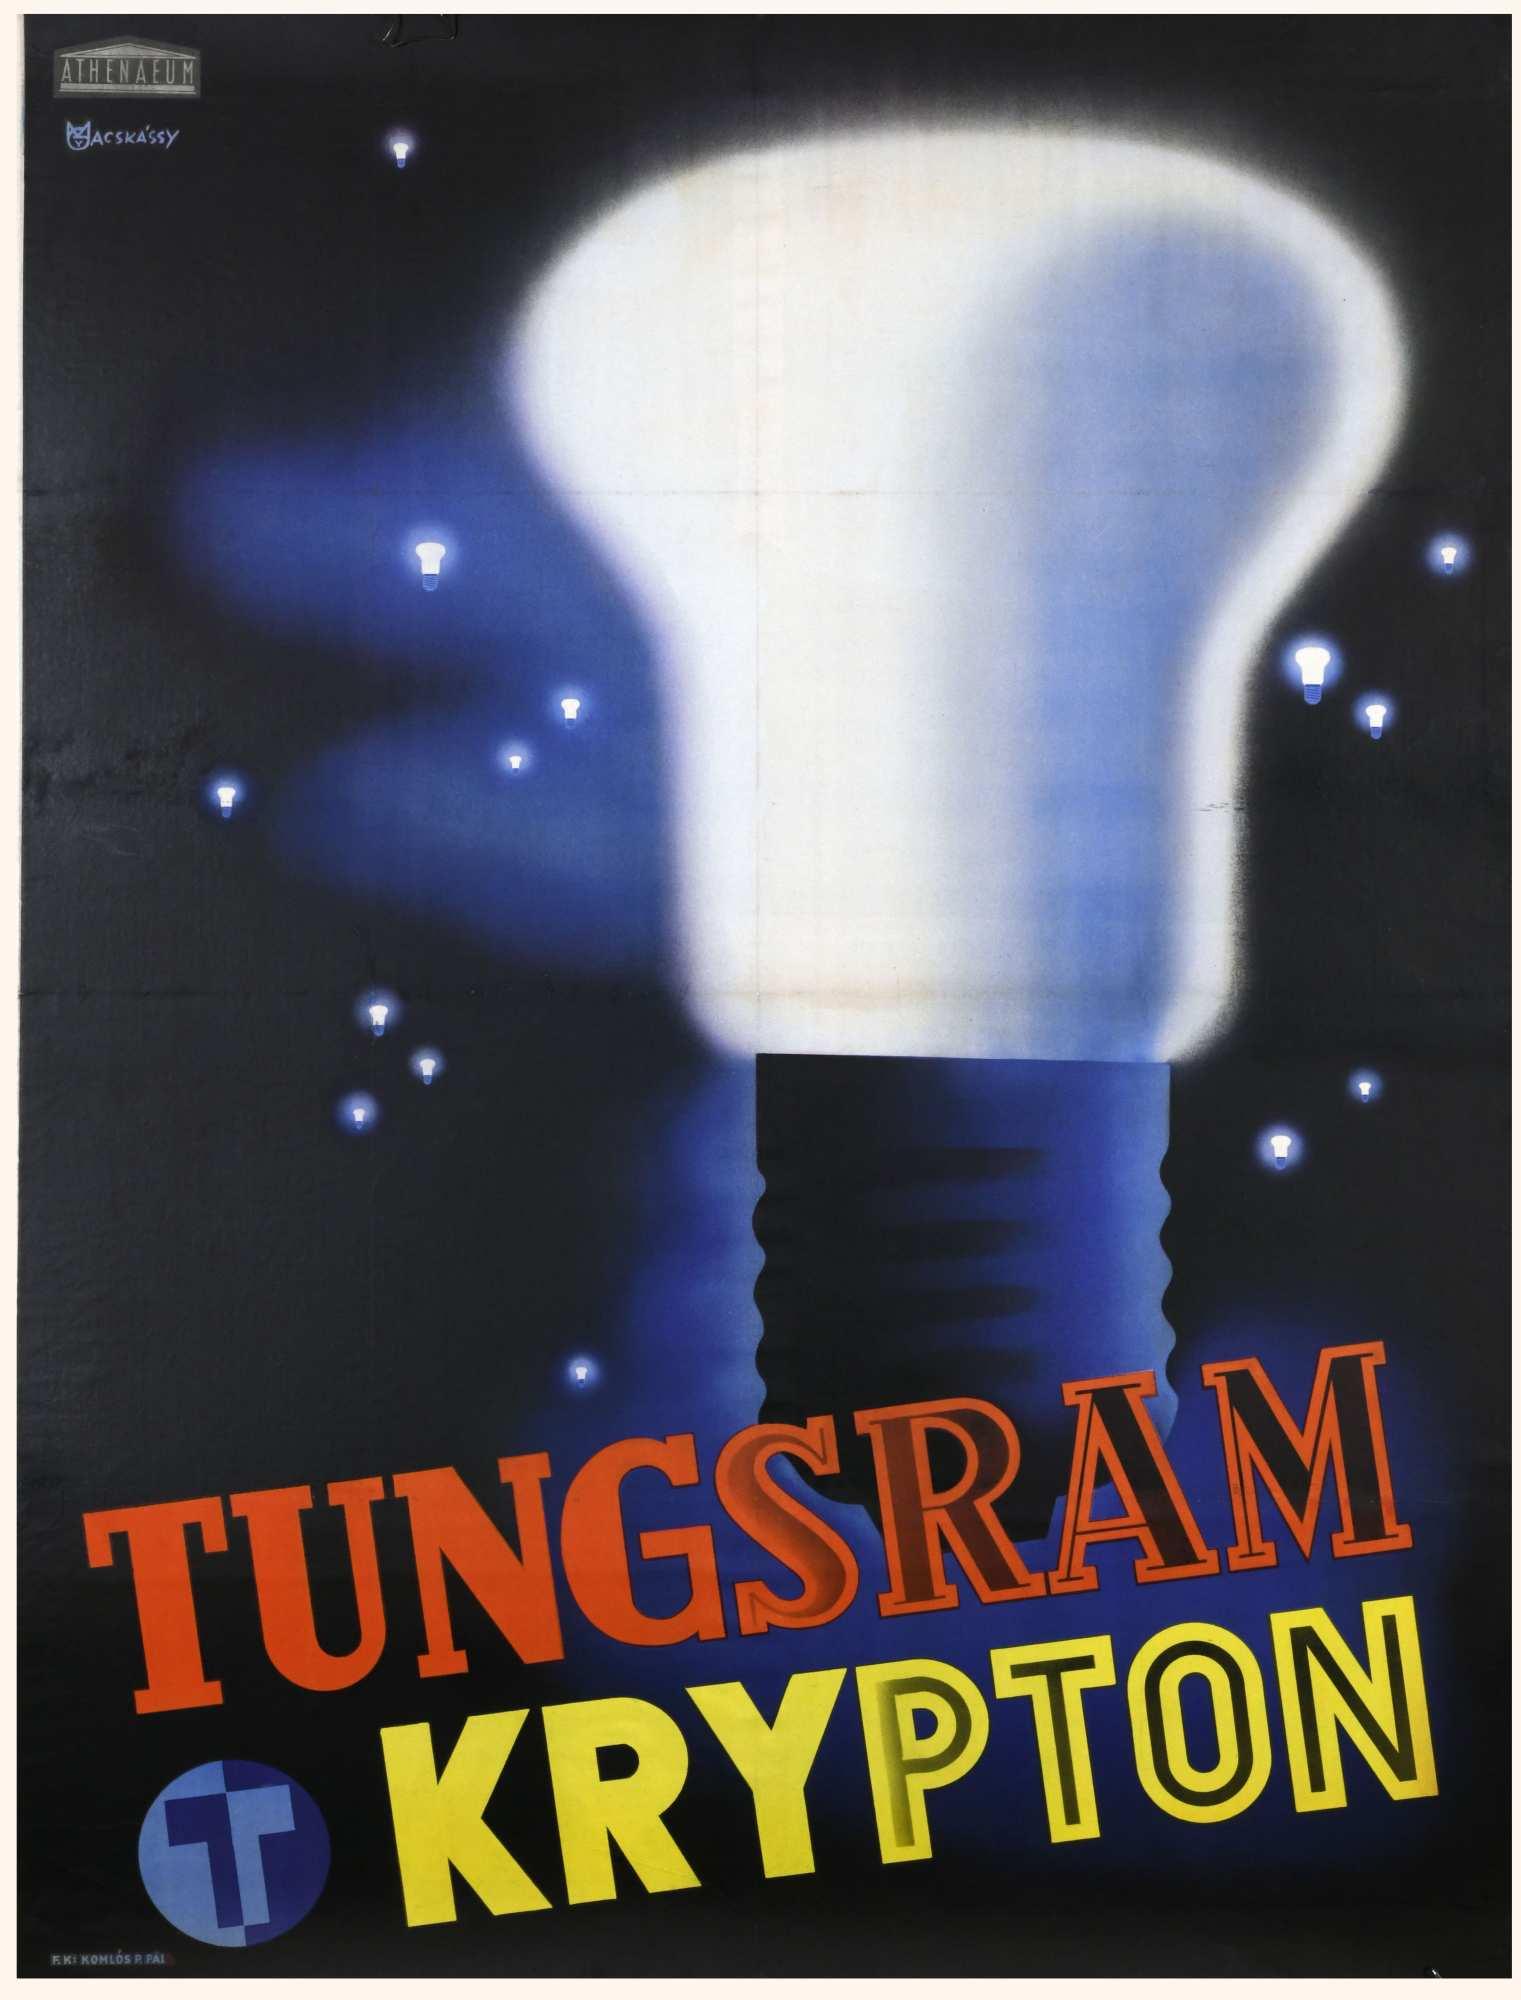 Tungsram krypton. Grafikus: Macskássy Gyula. Jelzet: PKG.1940/269 – Plakát- és Kisnyomtatványtár